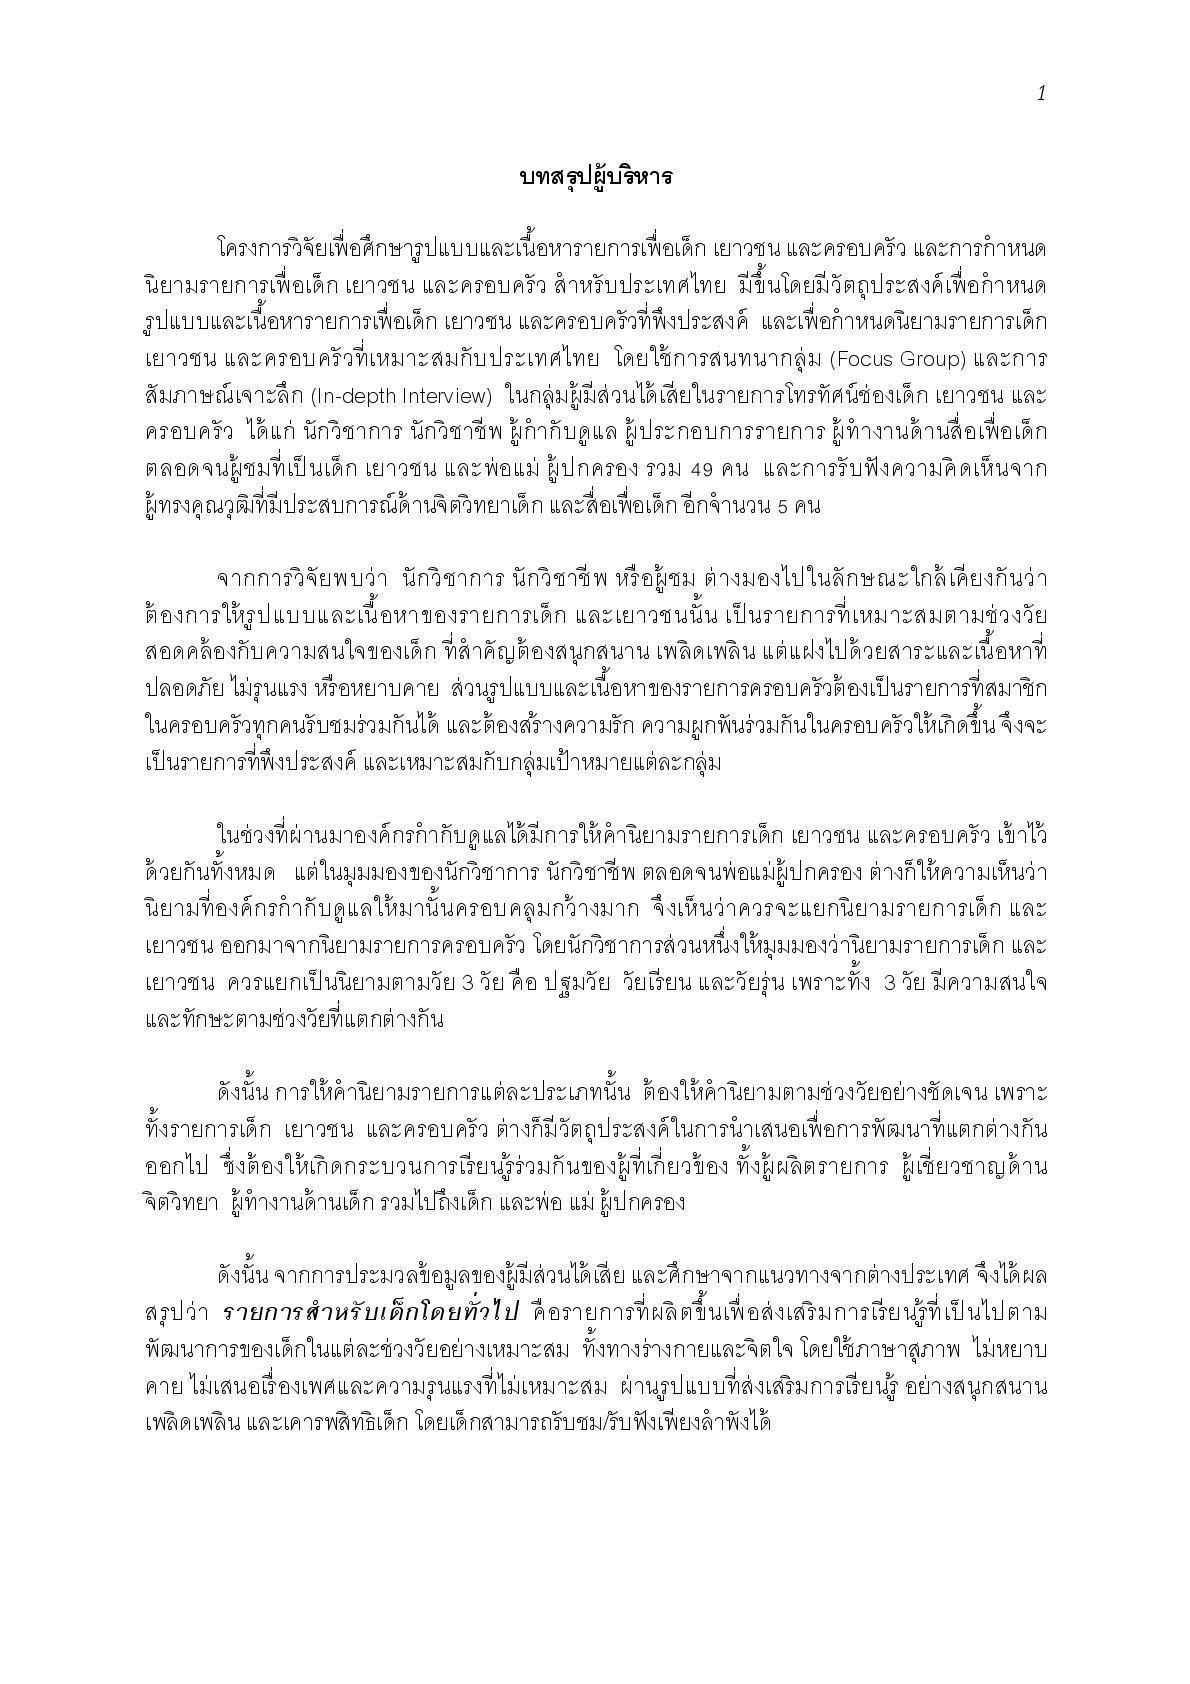 บทสรุปโครงการวิจัยเพื่อศึกษารูปแบบและเนื้อหารายการเพื่อเด็ก เยาวชน และครอบครัว และการกำหนดนิยามรายการเพื่อเด็ก เยาวชน และครอบครัว สำหรับประเทศไทย